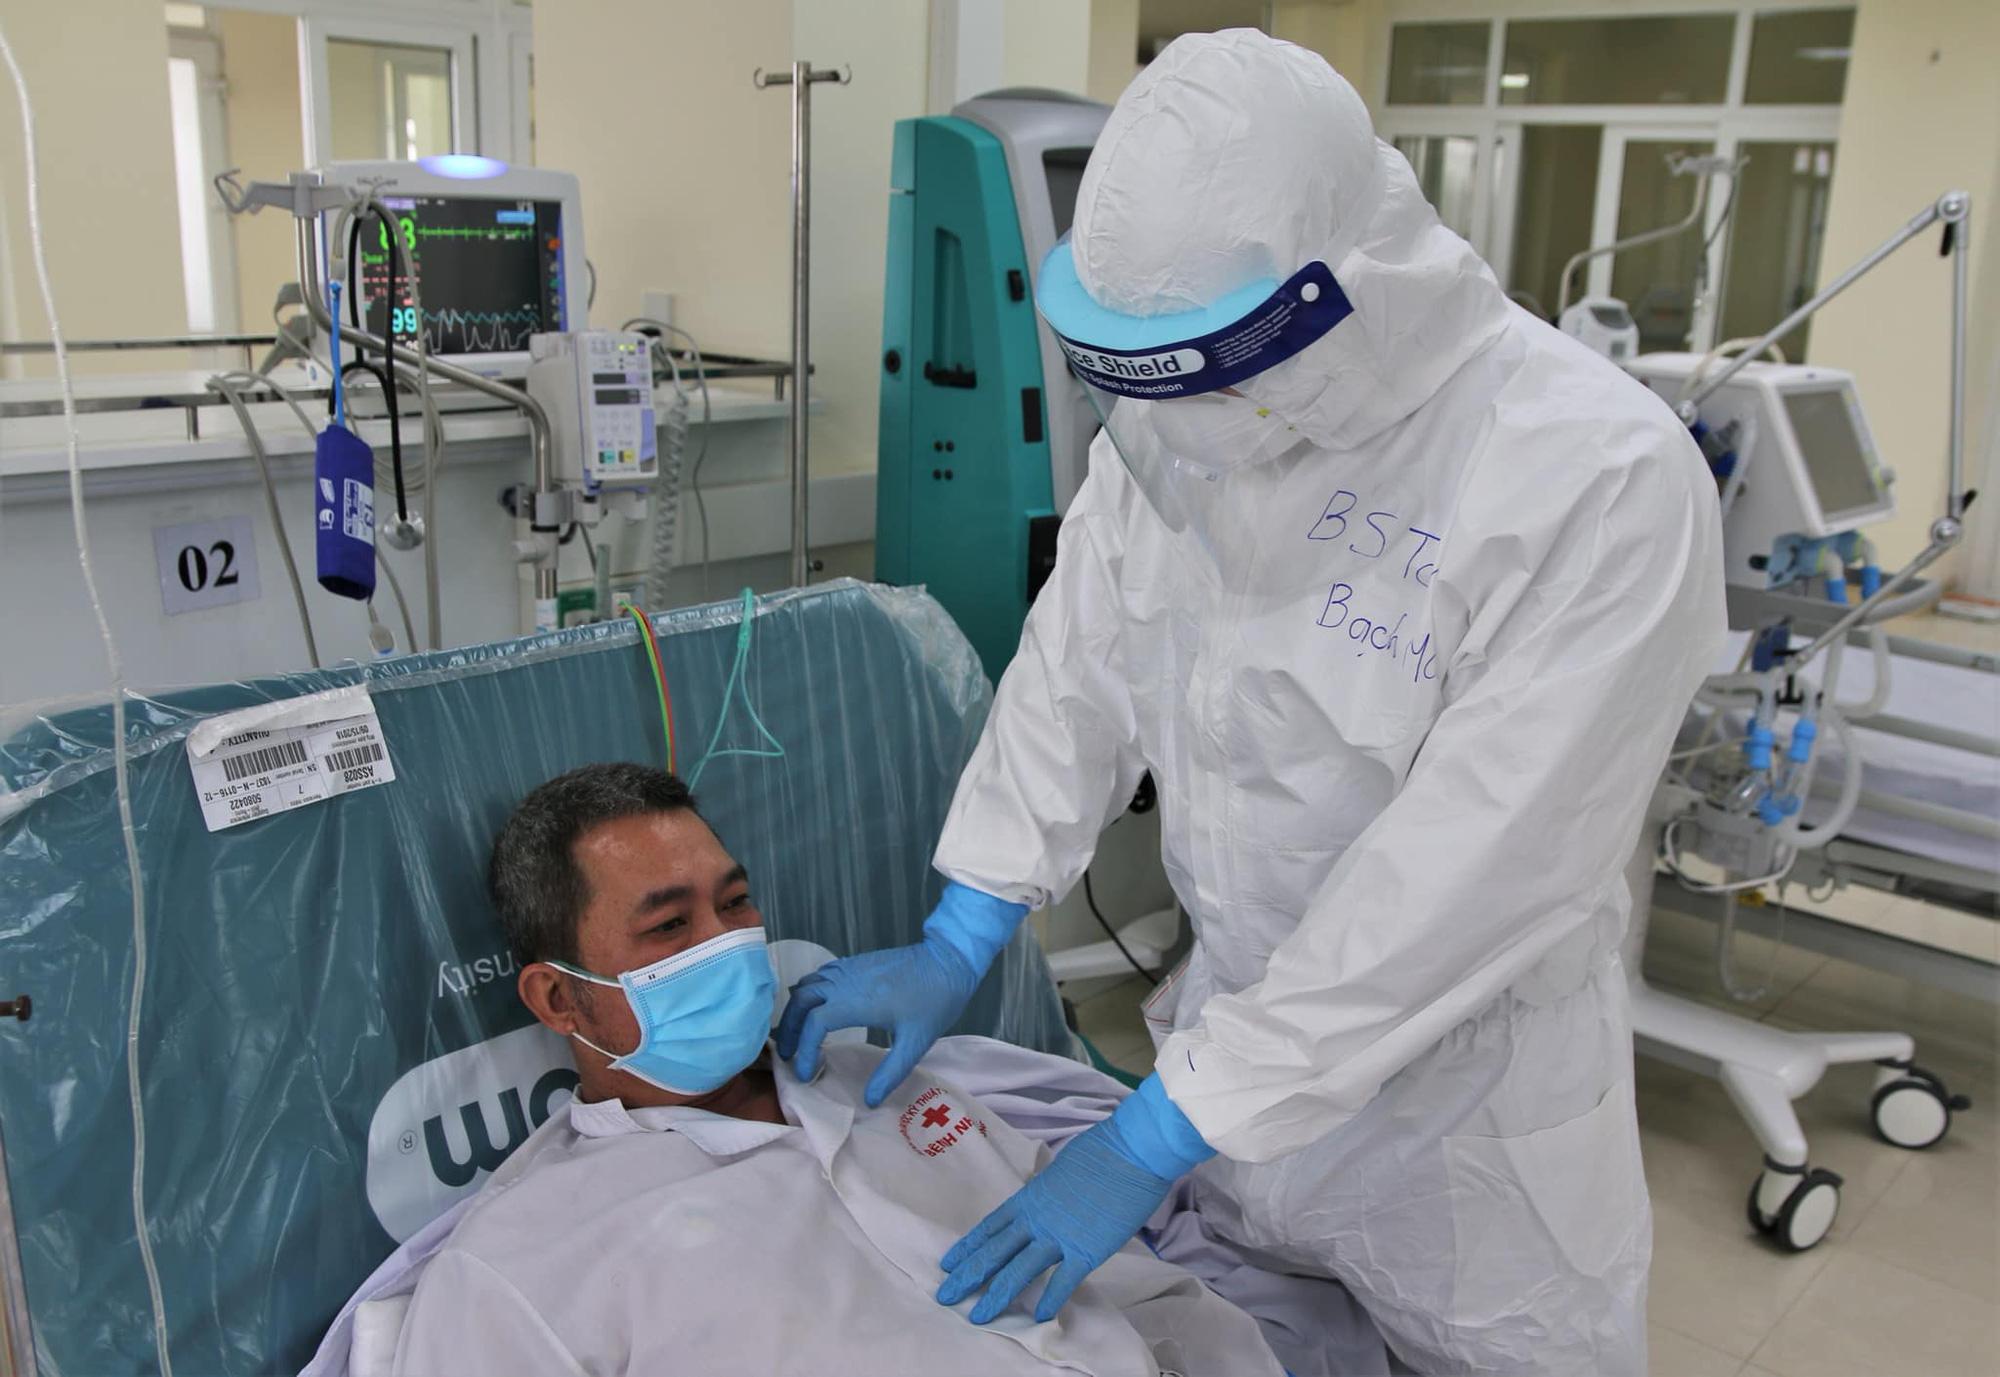 Việt Nam là một trong những nước chống dịch Covid-19 hiệu quả nhất thế giới  - Ảnh 1.